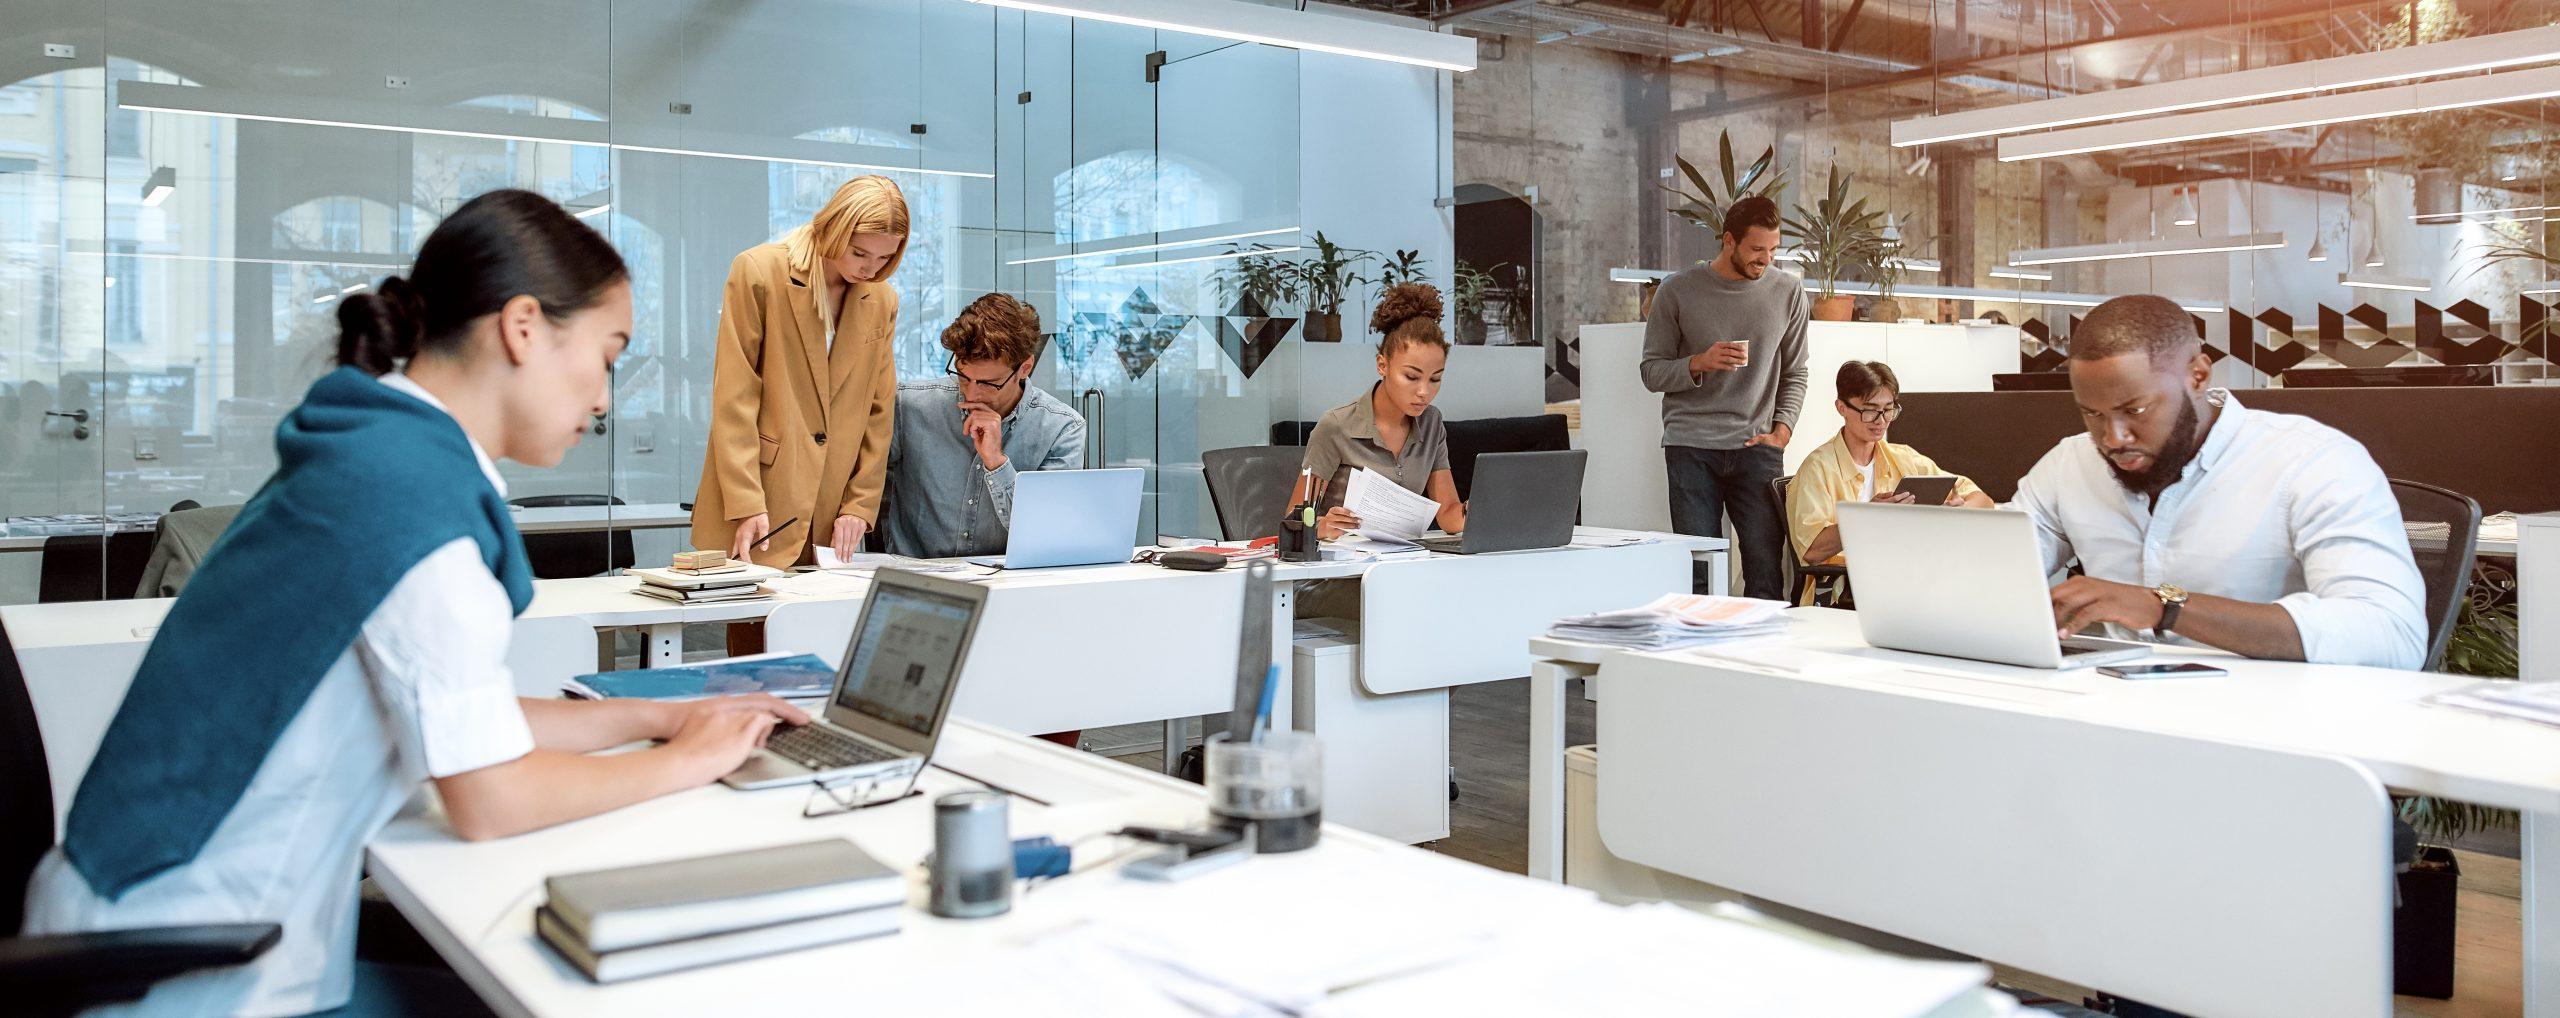 Servicios de Outsourcing y Subcontratación de Personal